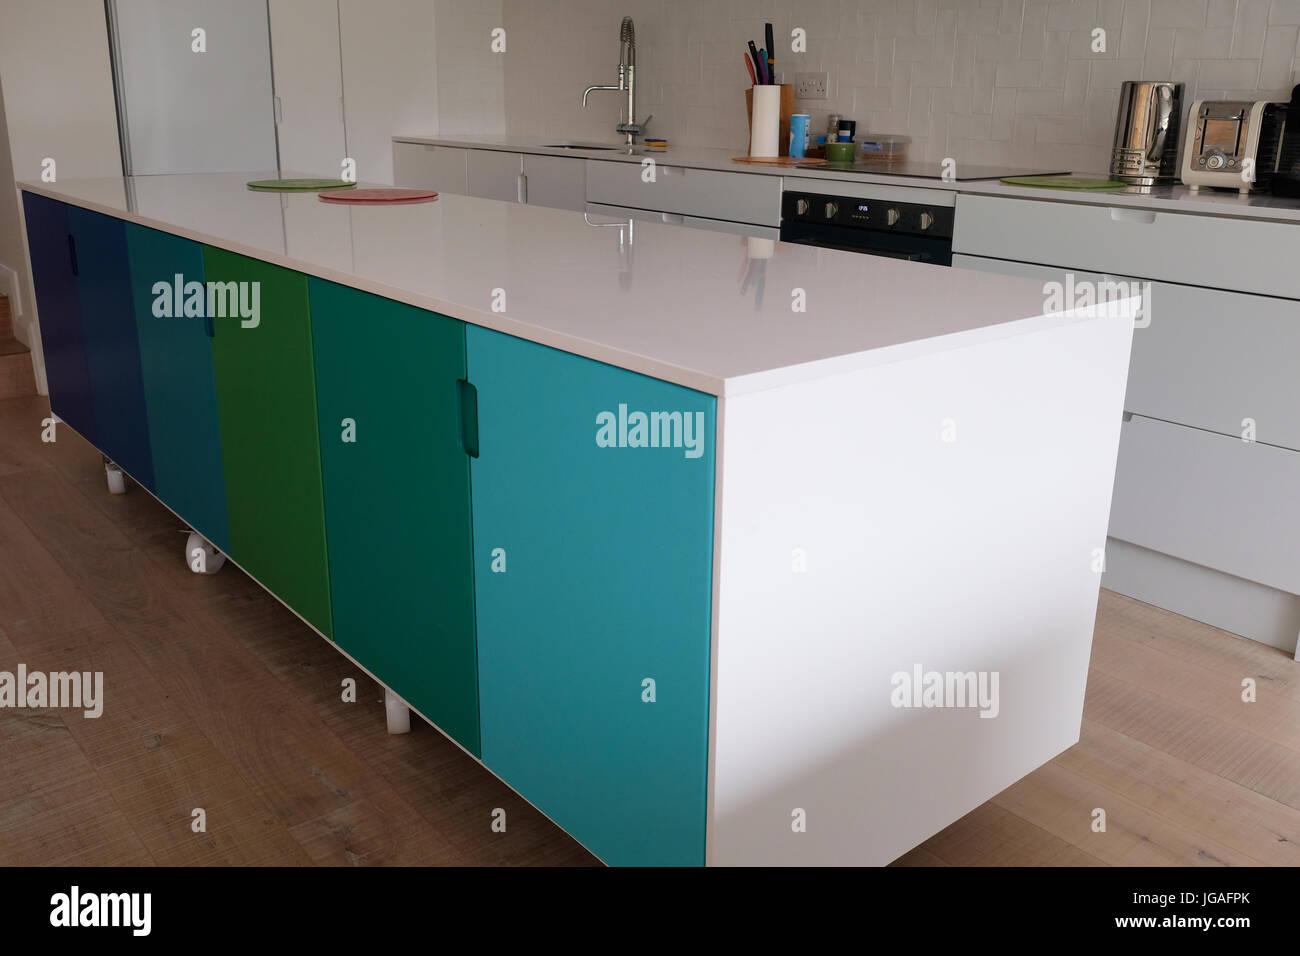 Bewegliche Küche Insel auf Rollen Stockfoto, Bild: 147749355 - Alamy